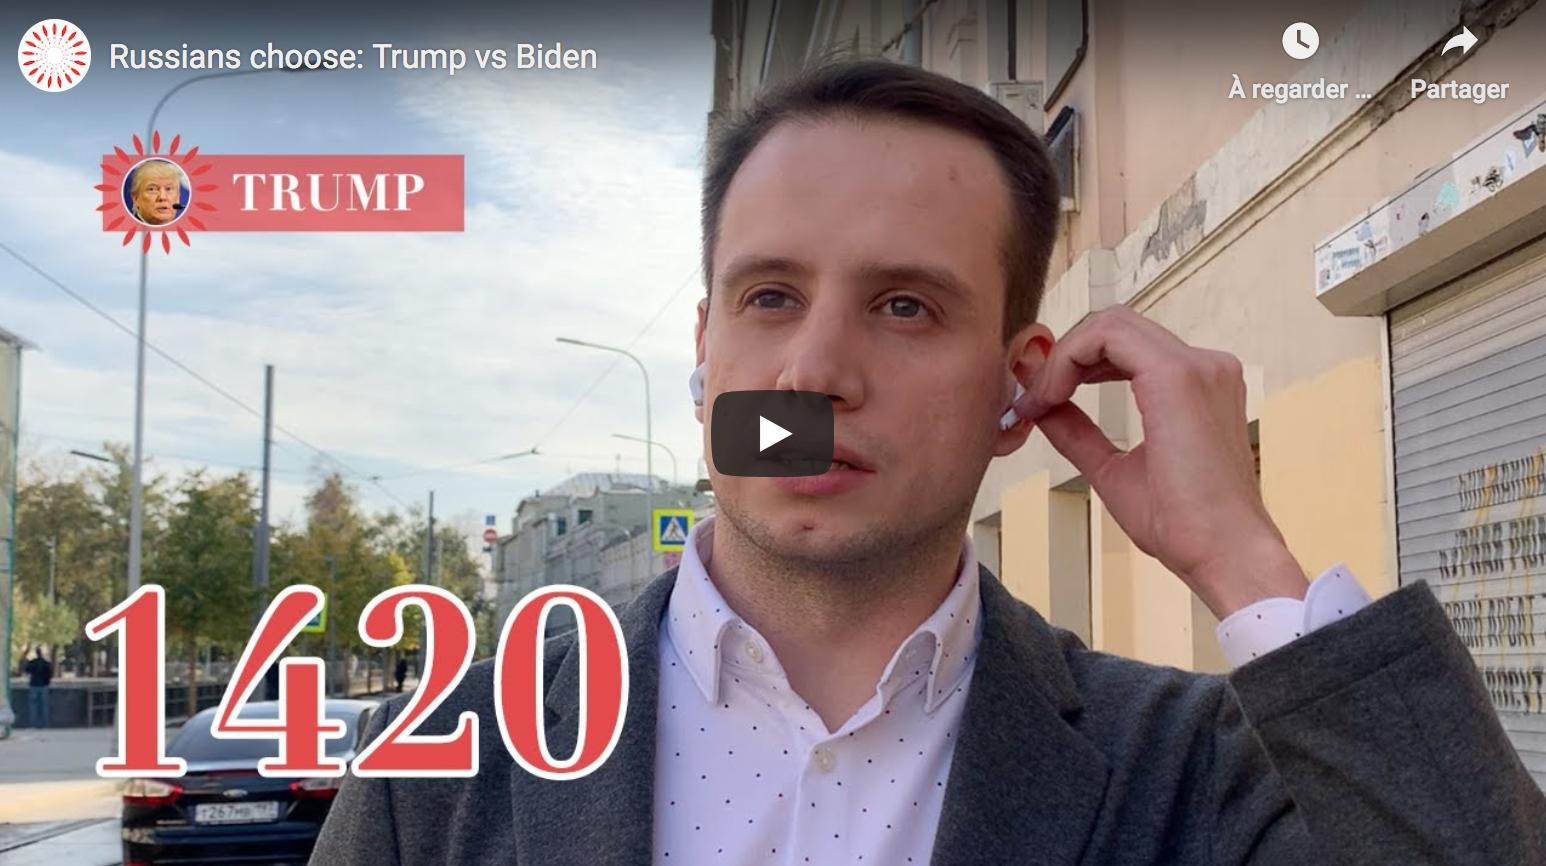 Trump ou Biden ? Les Russes choisissent le Président sortant (VIDÉO)